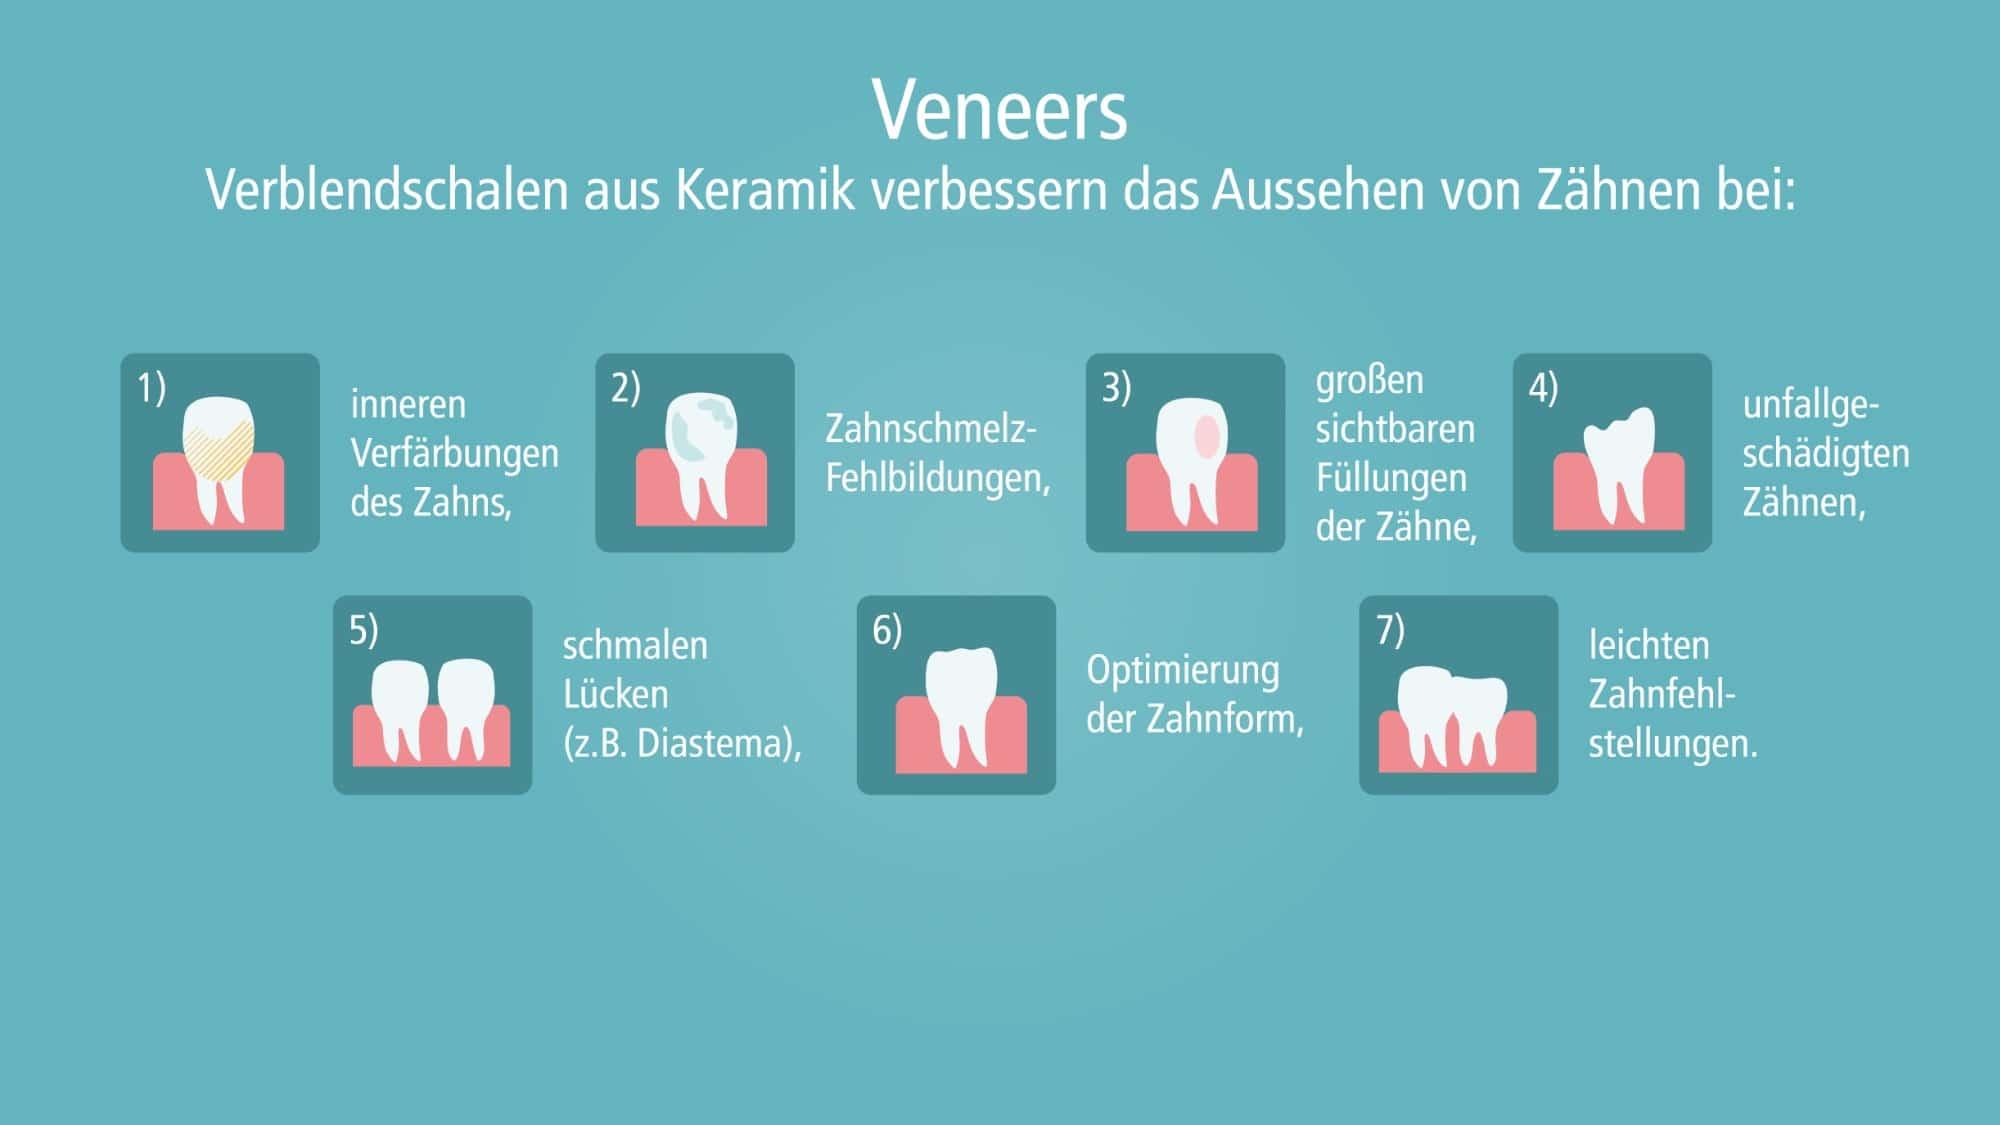 Als Veneers werden hauchdünne Keramikschalen aus zahnfarbener Keramik bezeichnet. Der Zahnarzt kann sie zum Beispiel bei einem verfärbten Zahn, vorhandenen Lücken zwischen den Zähnen, bei größeren Defekten oder abgebrochenen Ecken auf den Zahn aufkleben. Veneers geben dem Zahn sein natürliches Aussehen zurück. Der Zahnarzt muss dabei weniger gesunde Zahnsubstanz abtragen als bei klassischem Zahnersatz wie z.B. einer Krone.